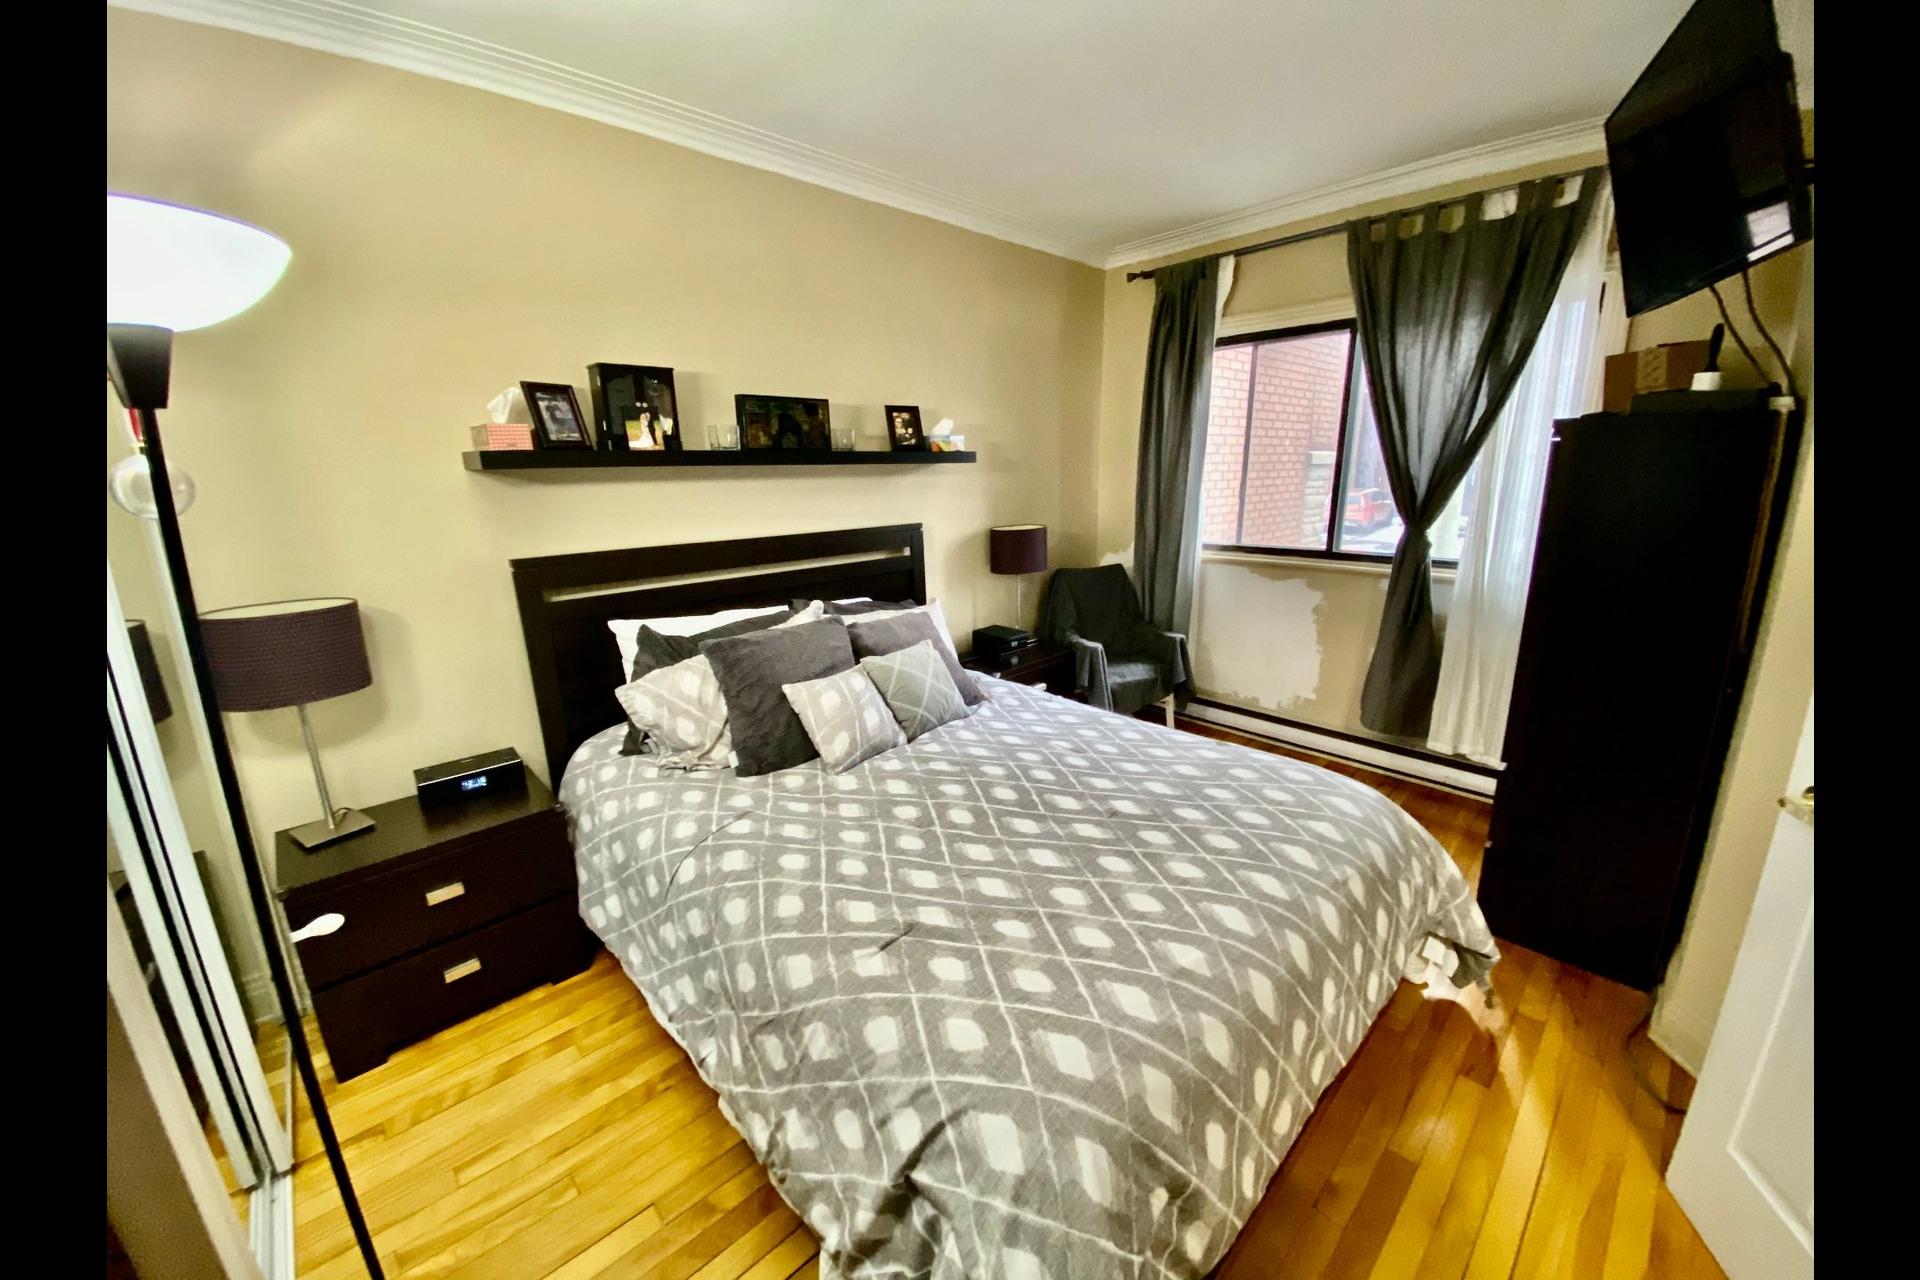 image 2 - Duplex À vendre Lachine Montréal  - 7 pièces